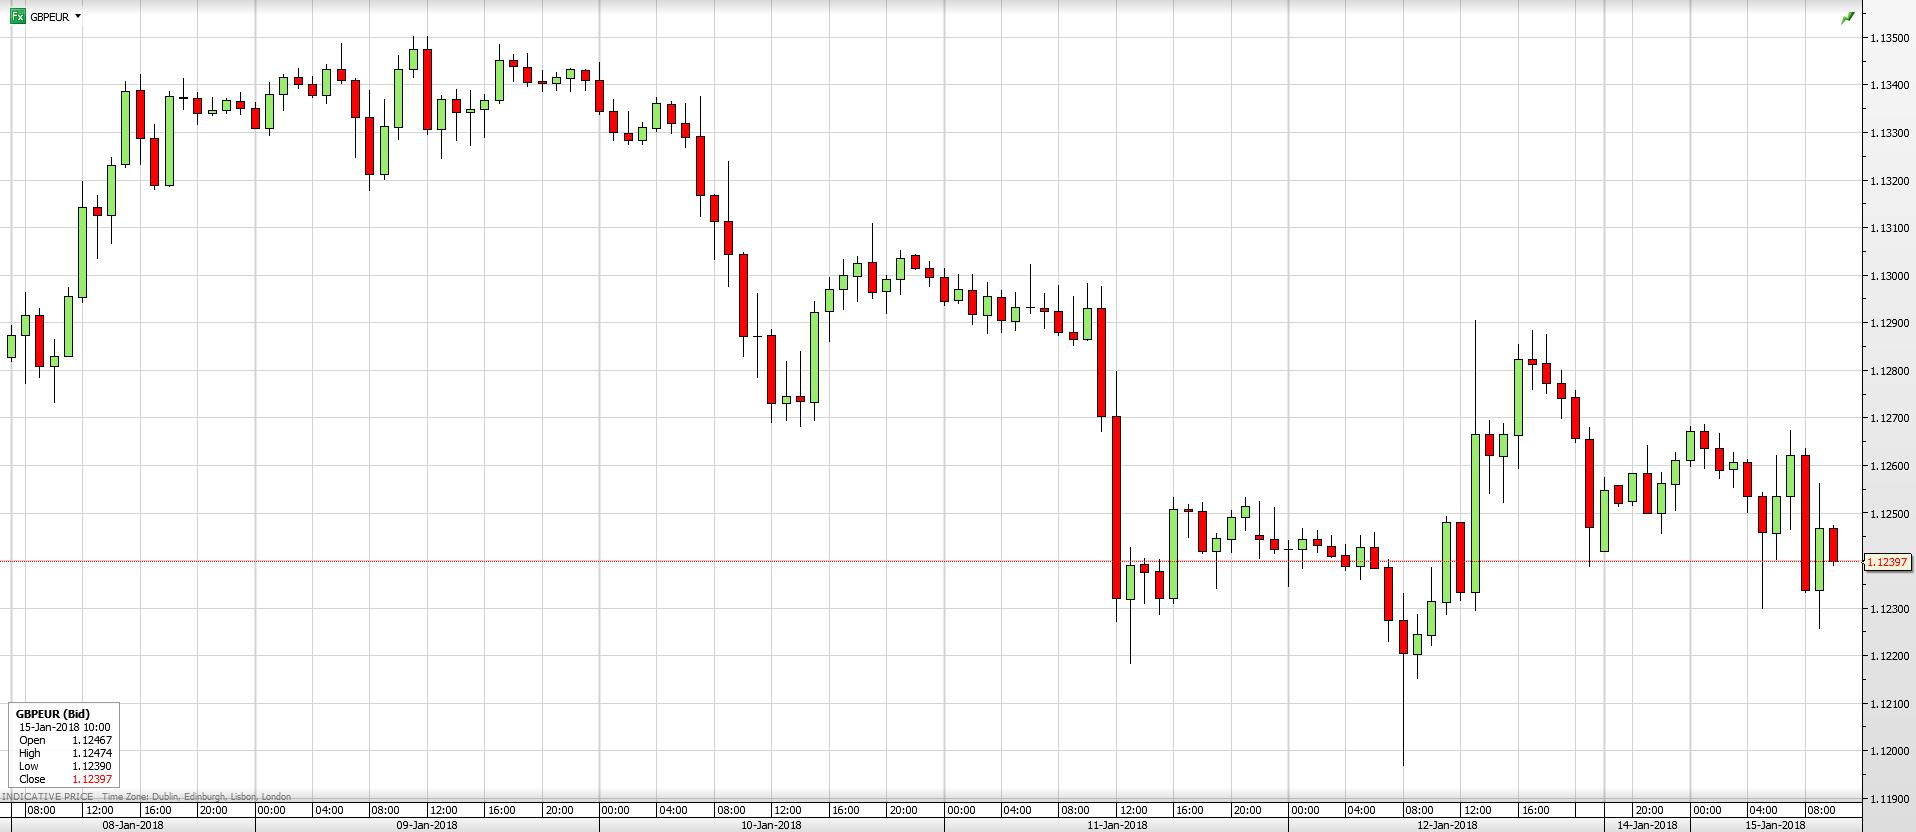 GBP/EUR 1 Week